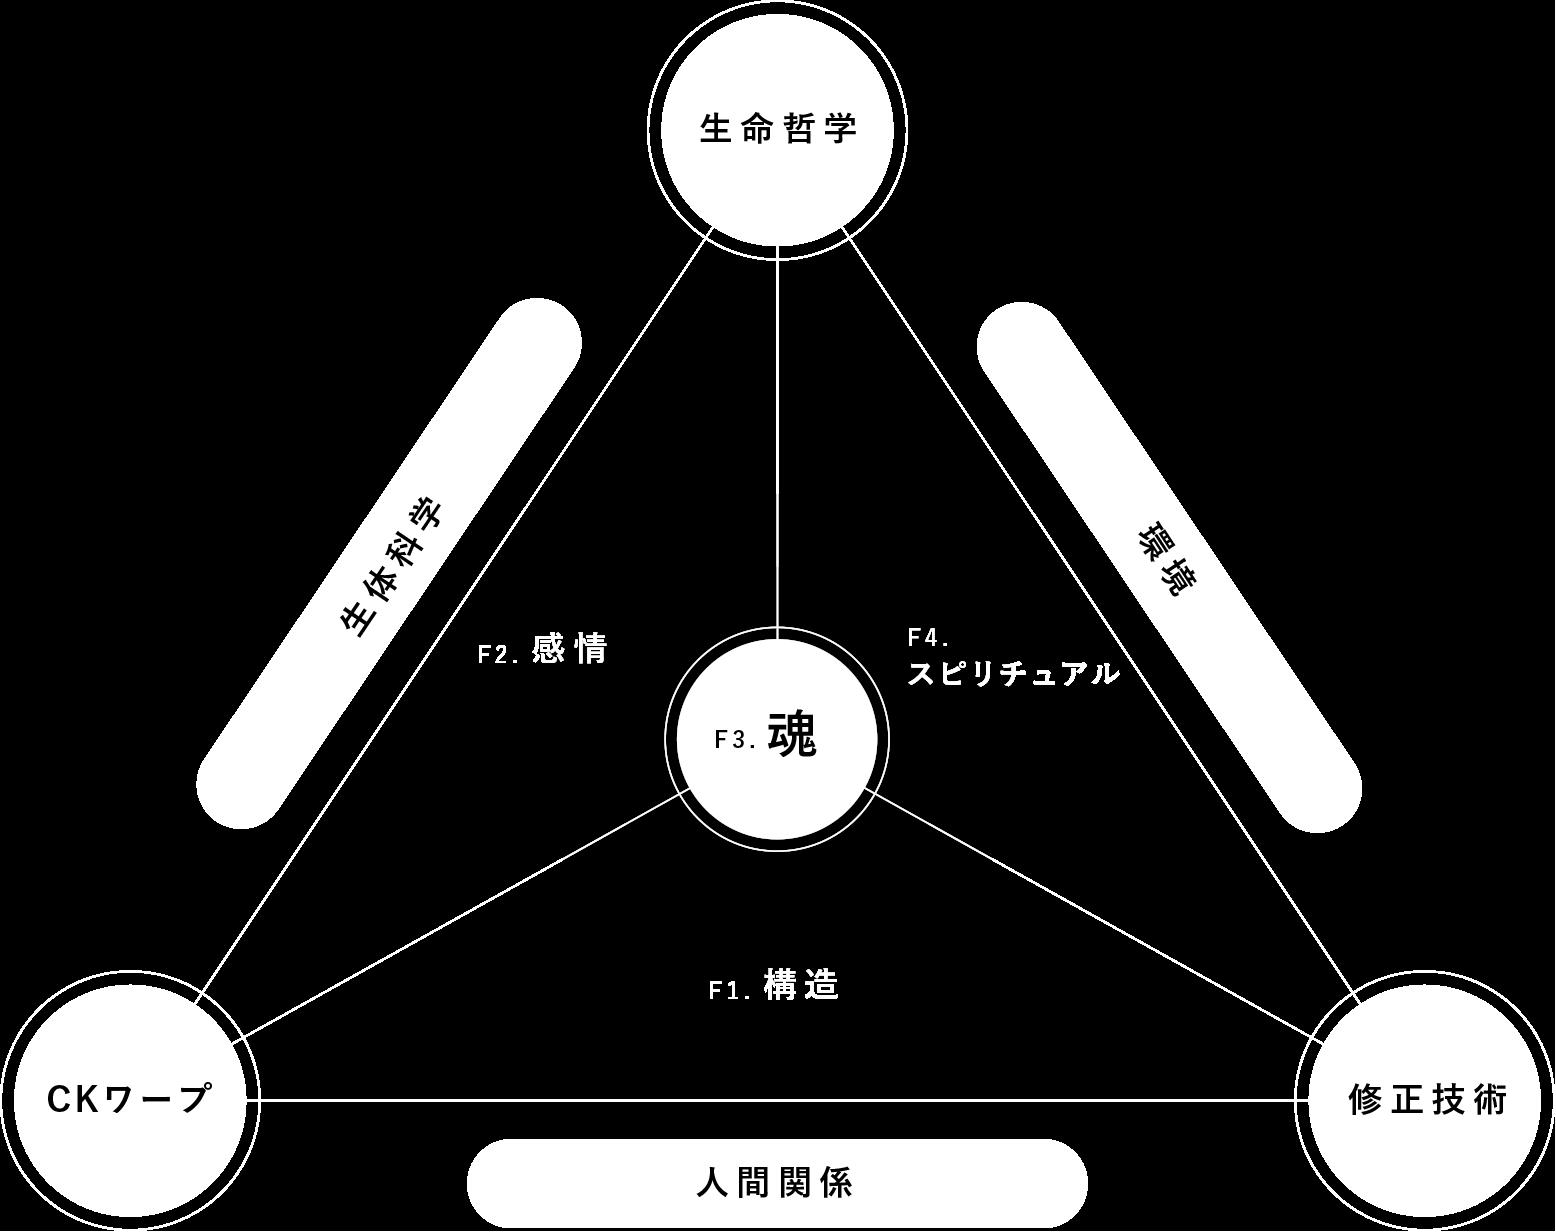 CKワープシステム概要